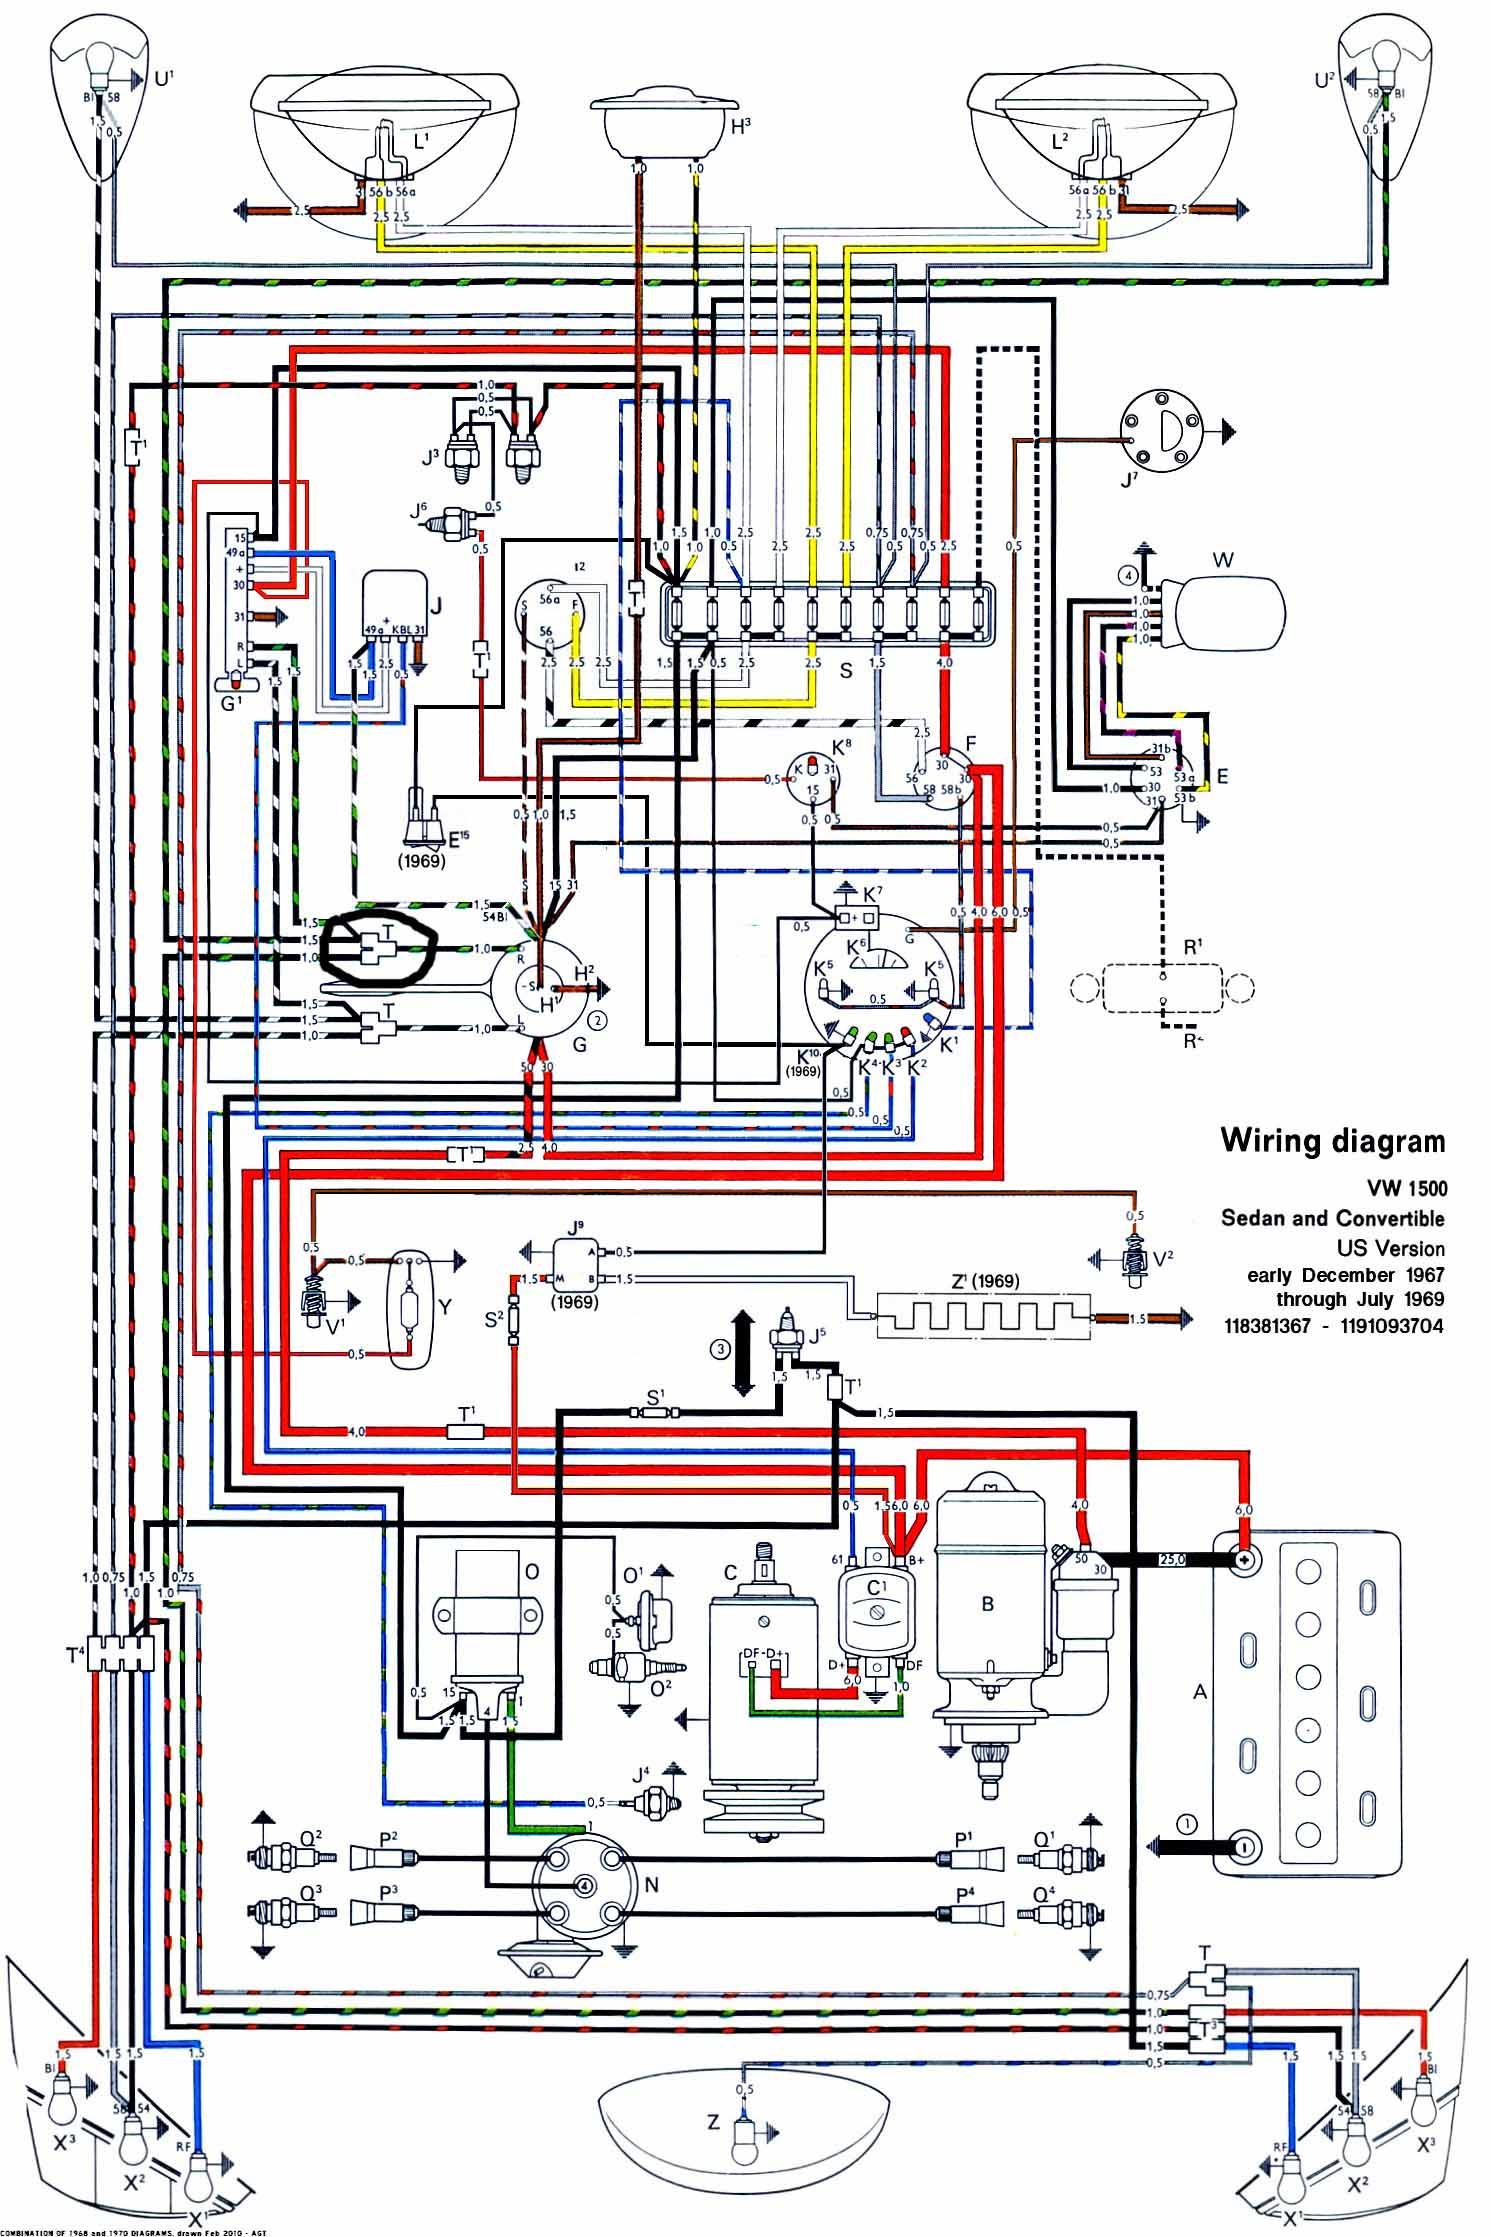 69 71 Volkswagen Beetle Wiring Diagram - Wiring Diagram Vw Super Beetle Wiring Diagram on vw super beetle fuel filter, vw super beetle air conditioning, vw super beetle flywheel, vw alt wiring-diagram, oldsmobile cutlass wiring diagram, mercury capri wiring diagram, vw type 2 wiring diagram, chevrolet impala wiring diagram, vw super beetle carburetor, vw super beetle coil, dodge challenger wiring diagram, vw super beetle radio, vw super beetle turn signals, vw gti wiring diagram, ford fairlane wiring diagram, chevrolet malibu wiring diagram, vw super beetle fuel system diagram, vw type 4 wiring diagram, 1974 jeep starter solenoid wiring diagram, vw super beetle brakes,